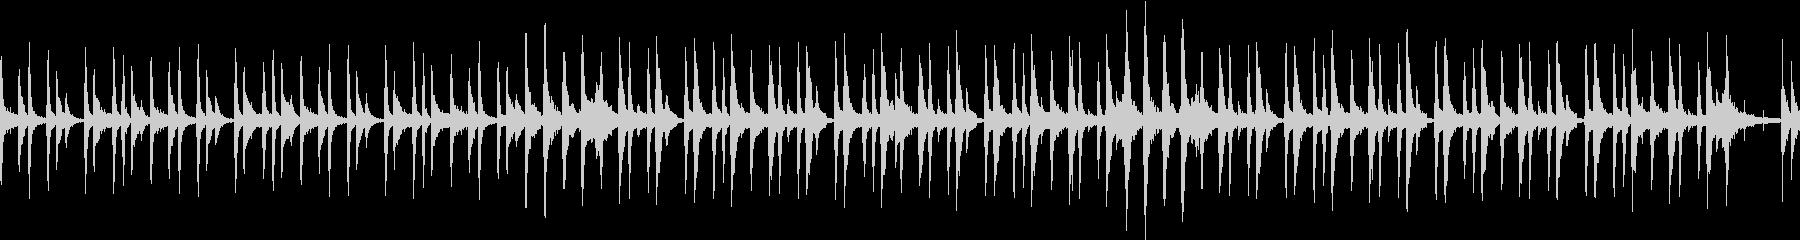 可愛らしいリズムをメインにしたサウンドの未再生の波形